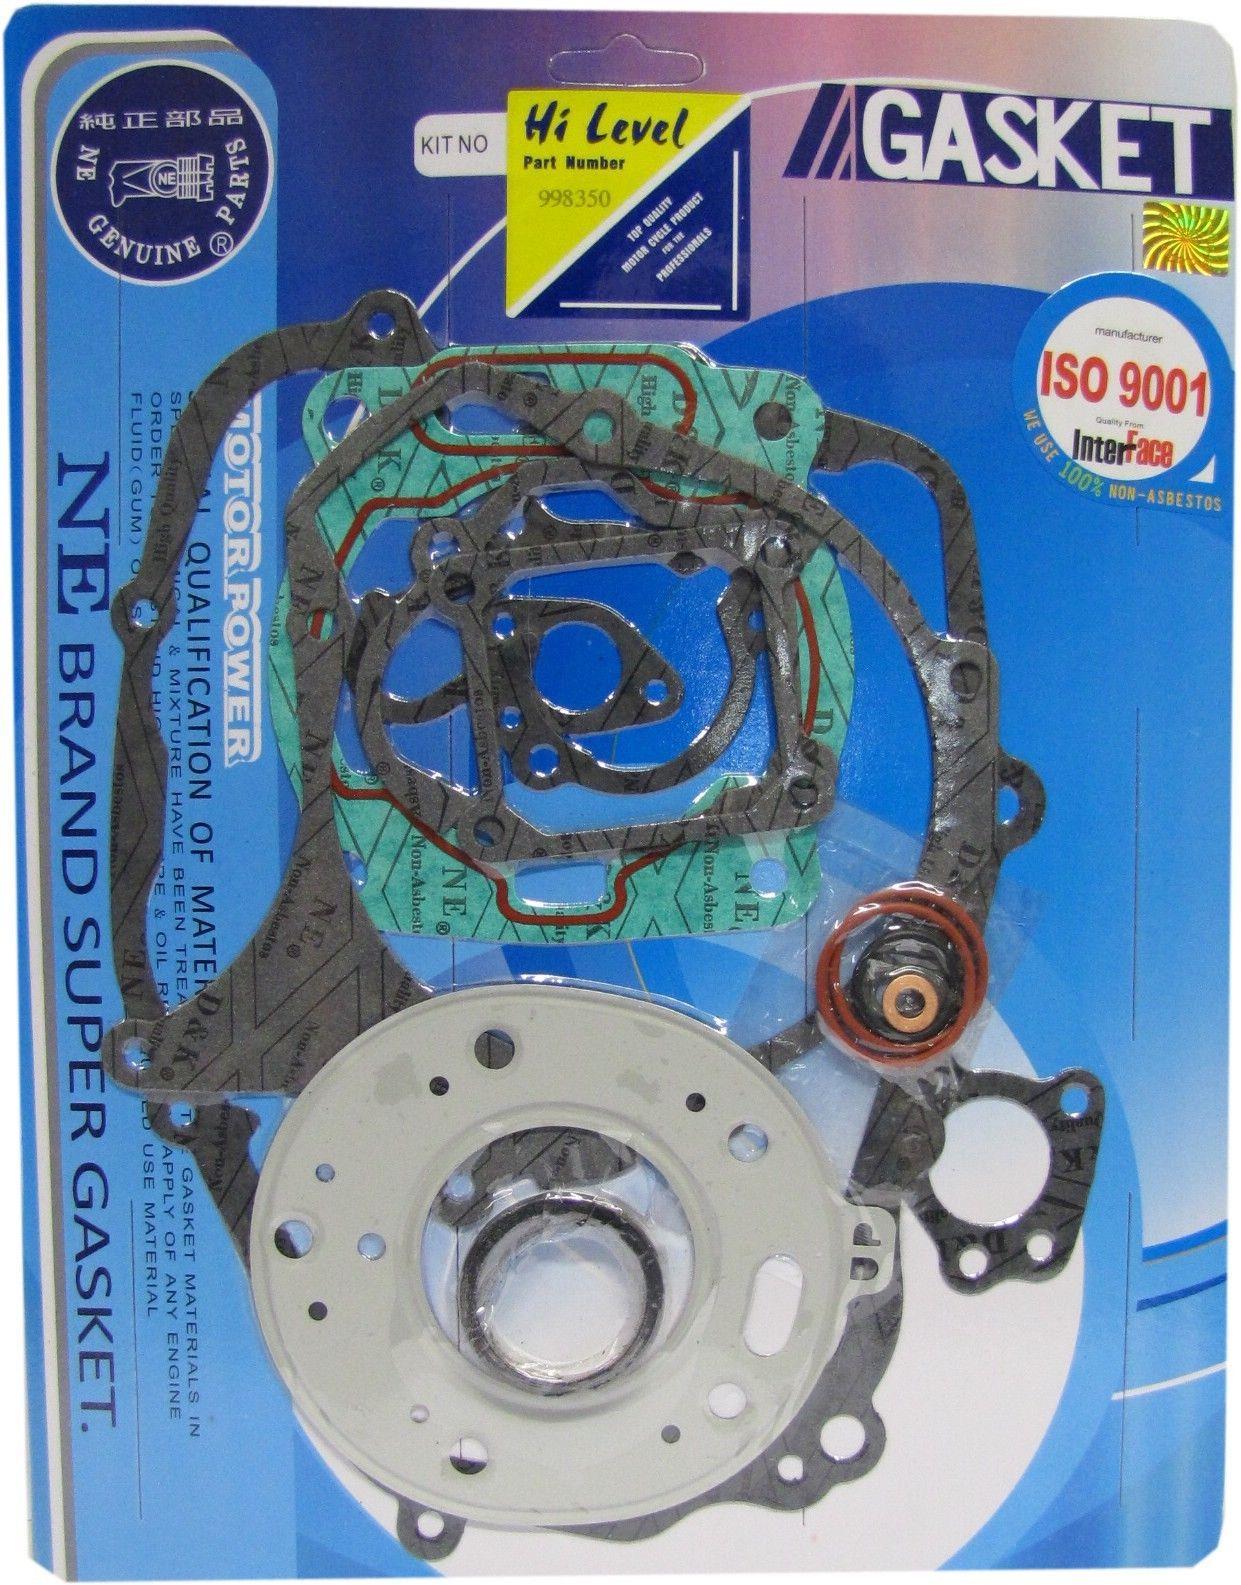 1988-2007 Yamaha DTR 125 DT 125 R RE X SM Engine Complete Full Gasket Set